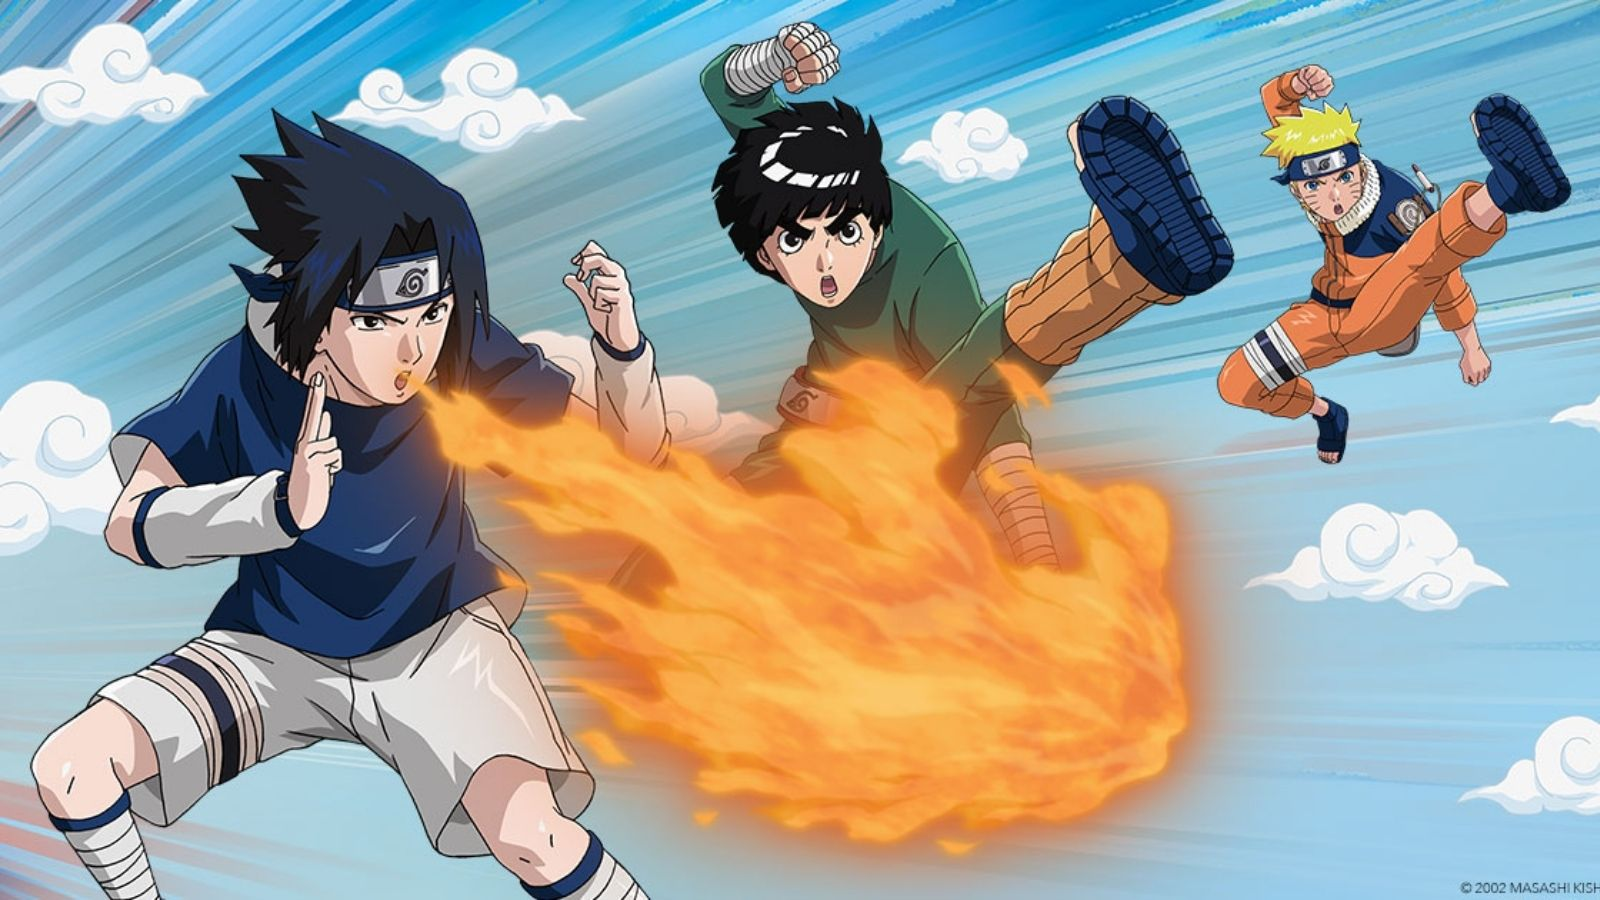 Naruto Shippuden Movies Worth Watching